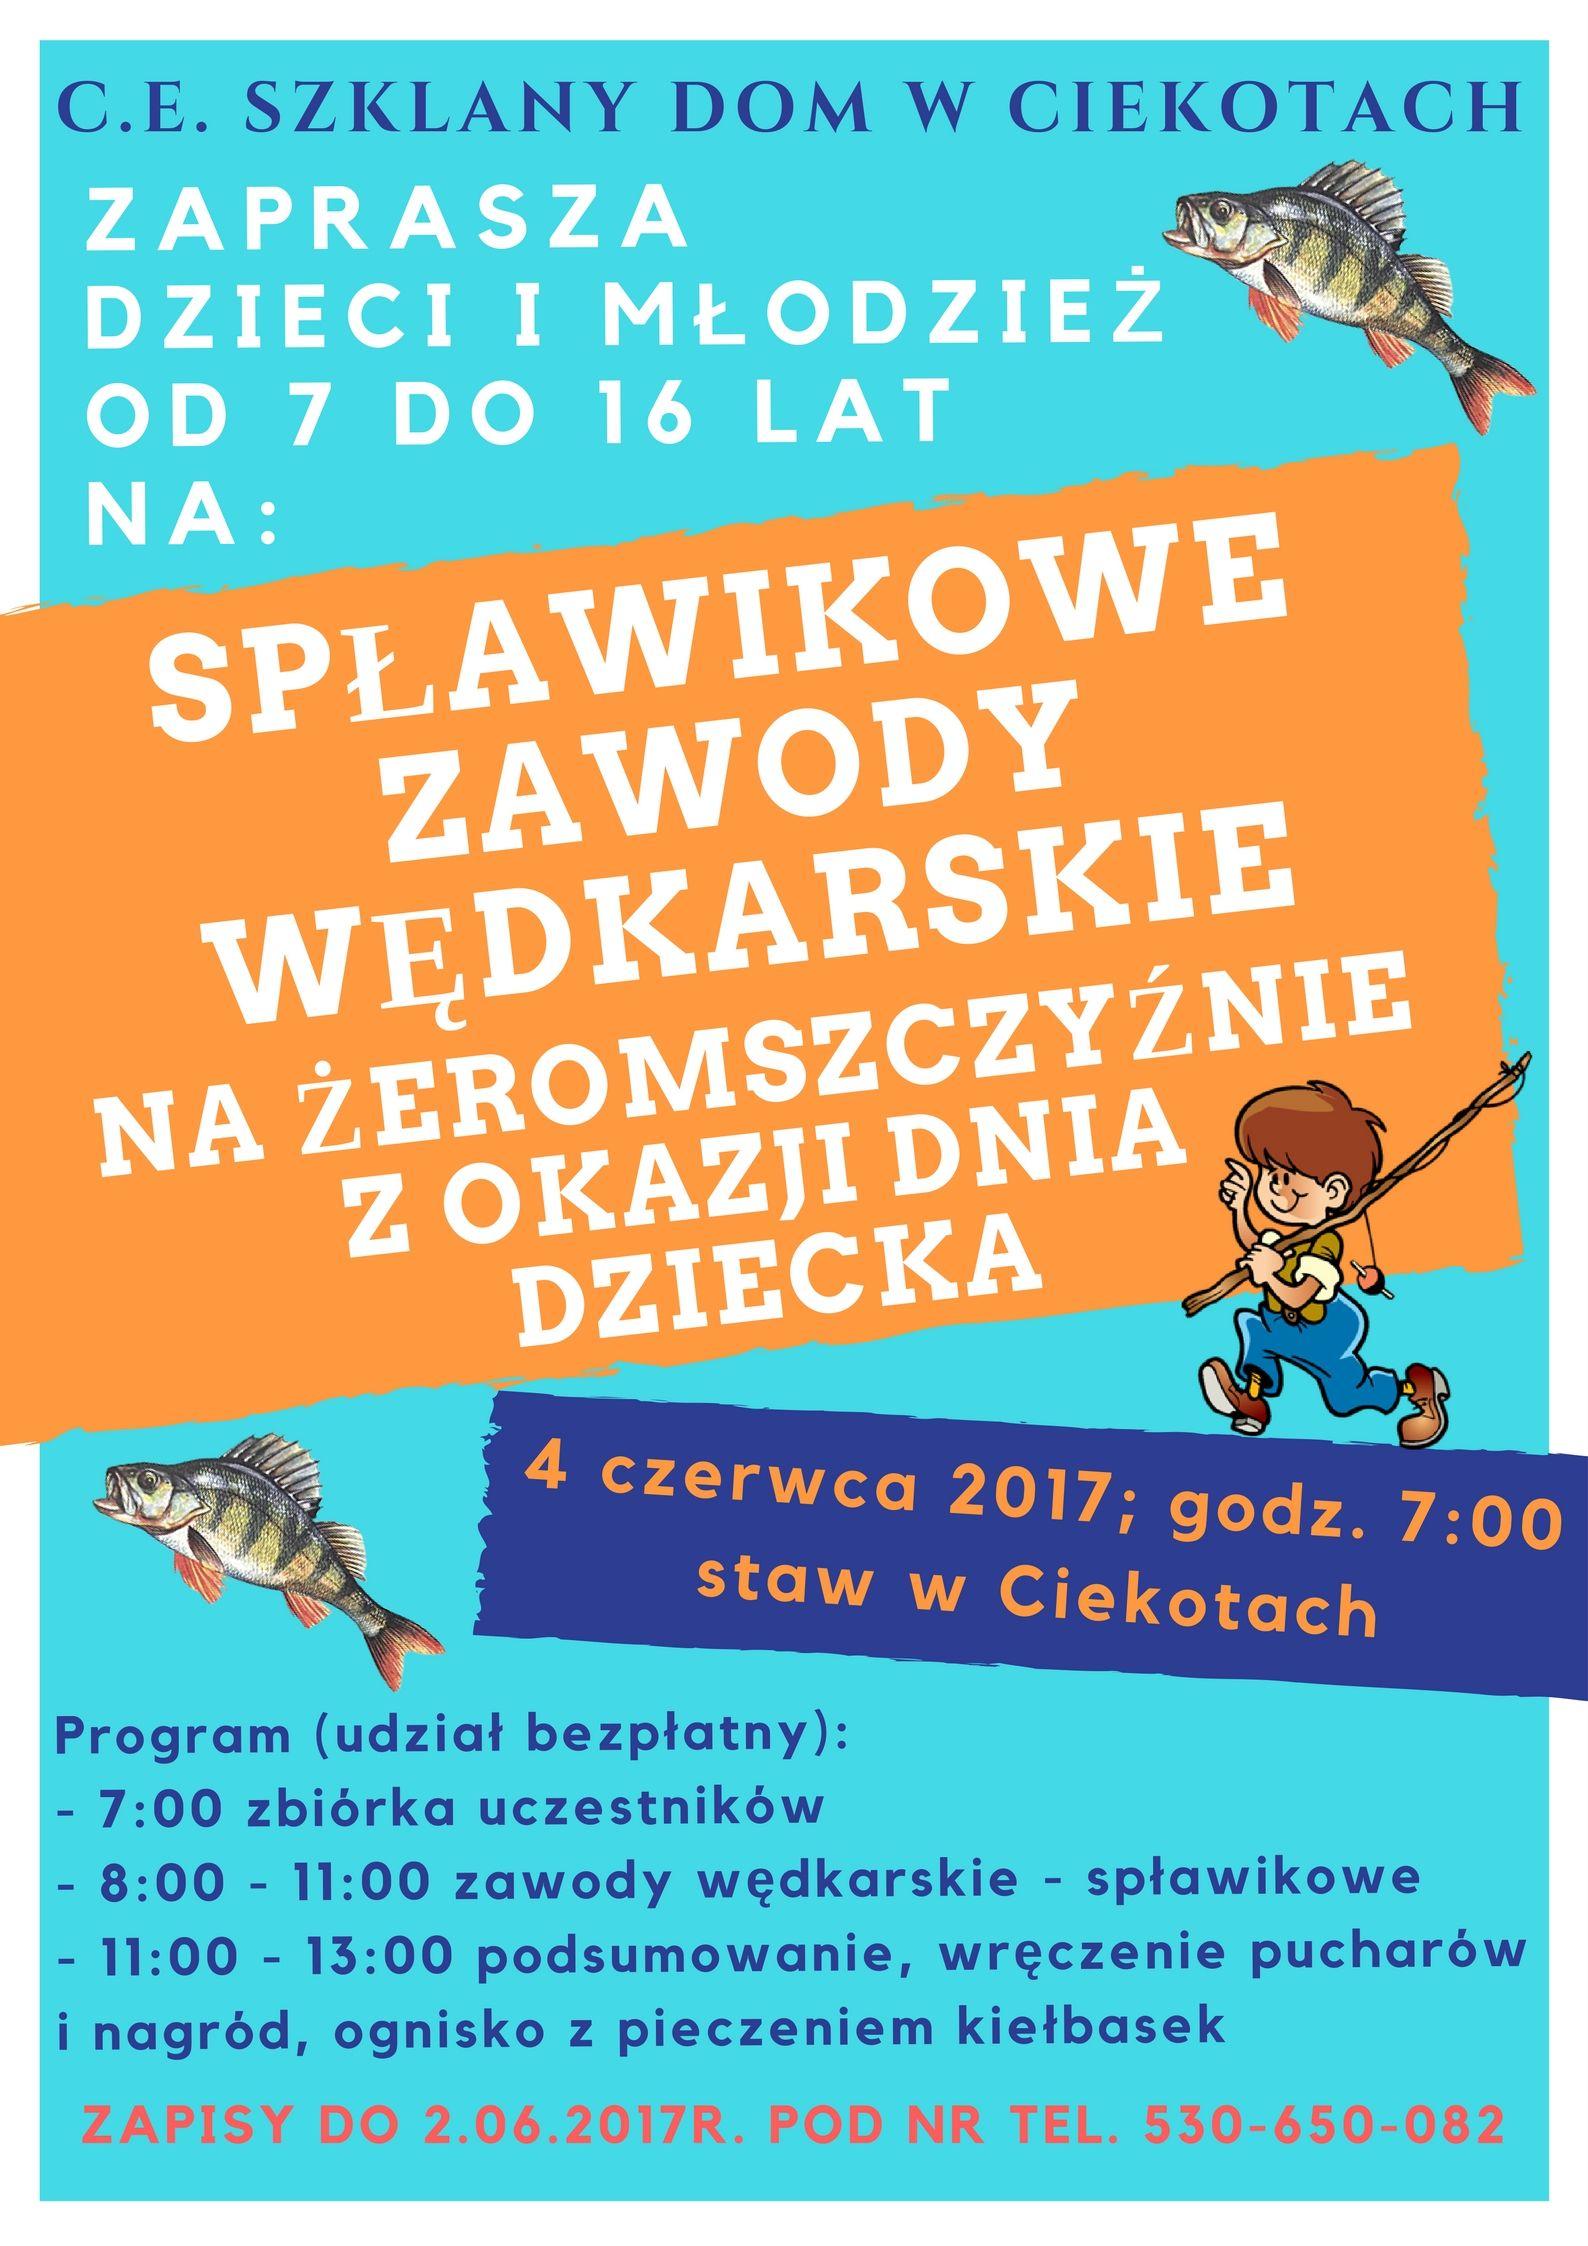 Spławikowe Zawody Wędkarskie z okazji Dnia Dziecka